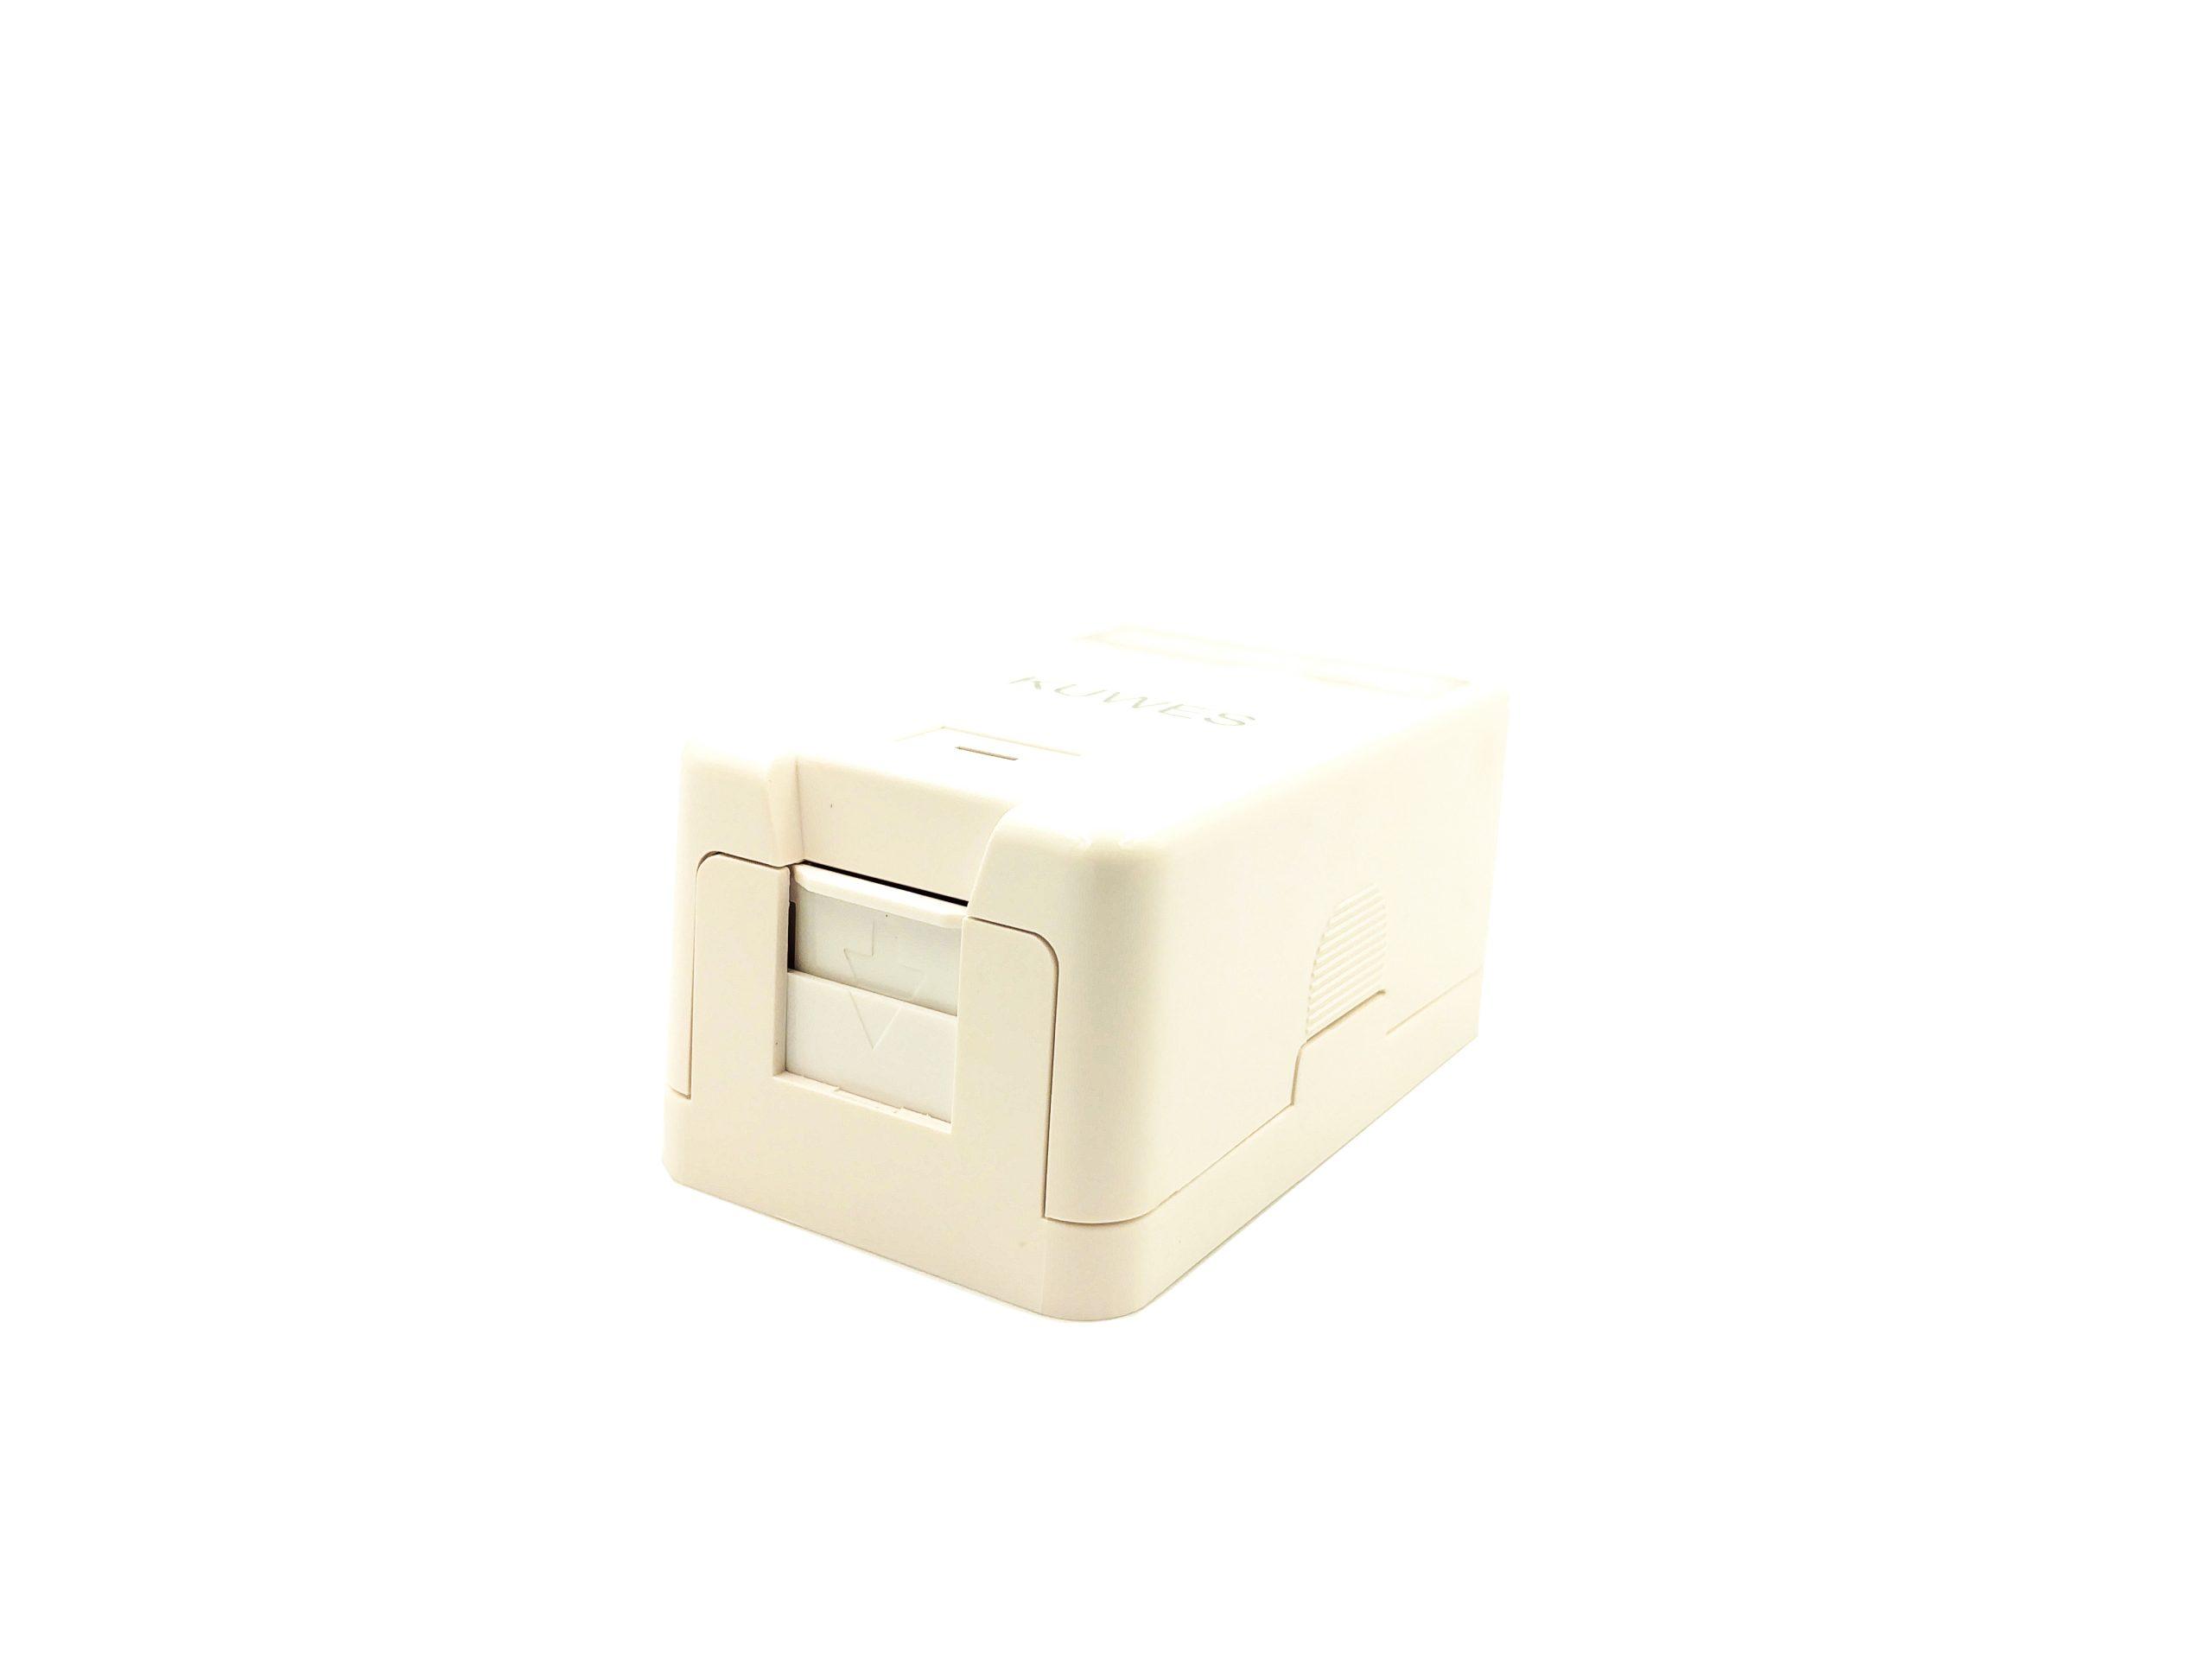 Kuwes Keystone Jack Surface Box